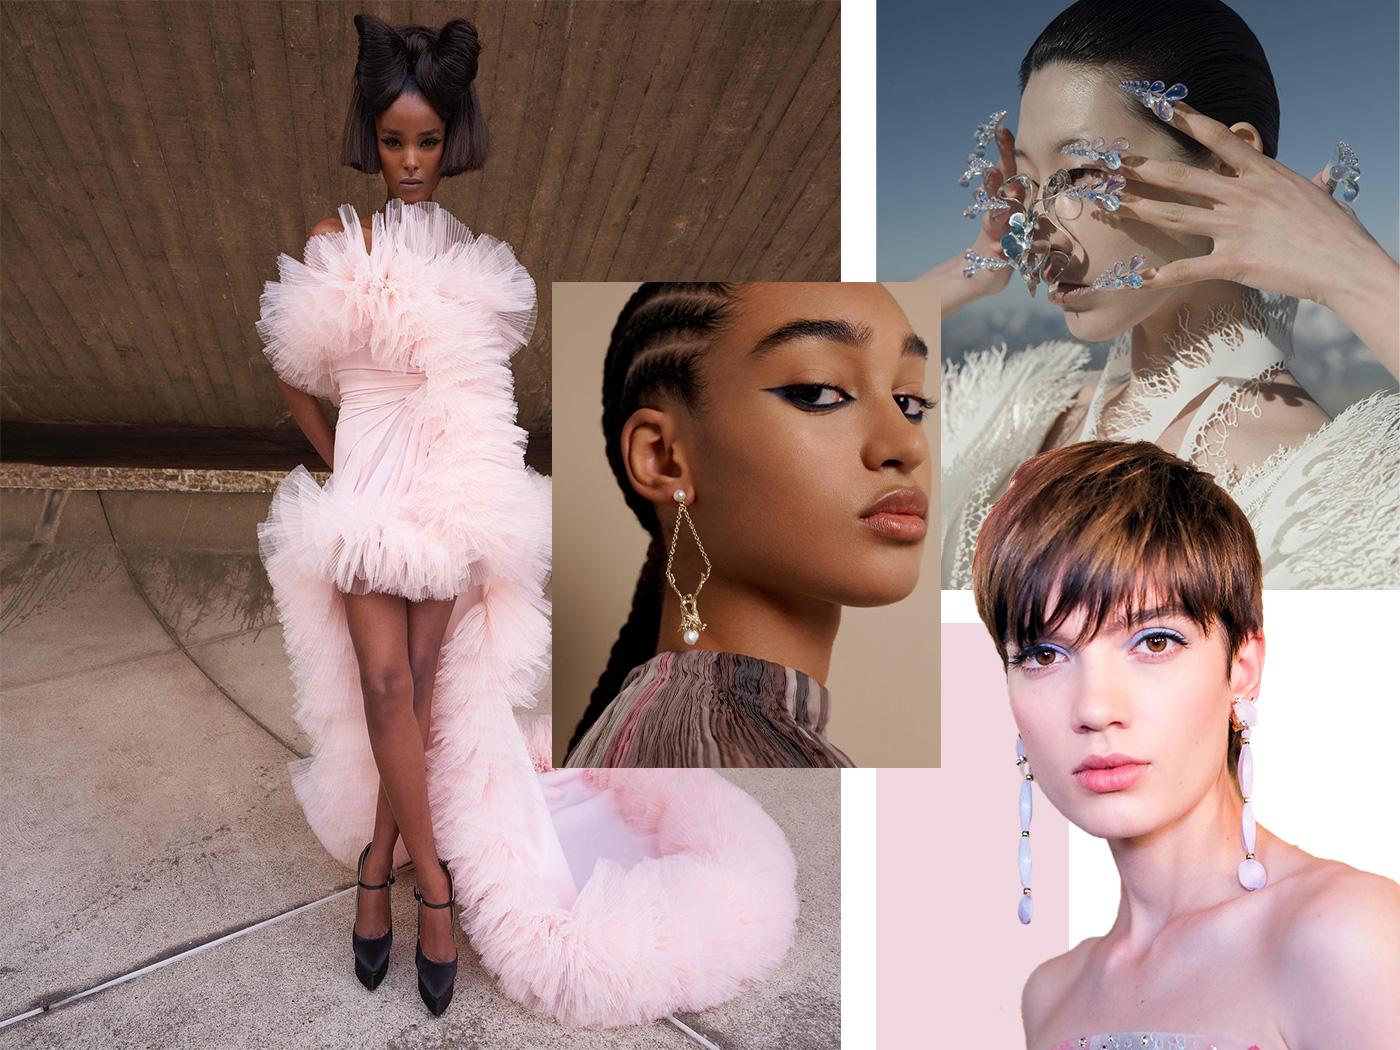 Τα ωραιότερα μακιγιάζ και μαλλιά από τα Couture show των σχεδιαστών στο Παρίσι